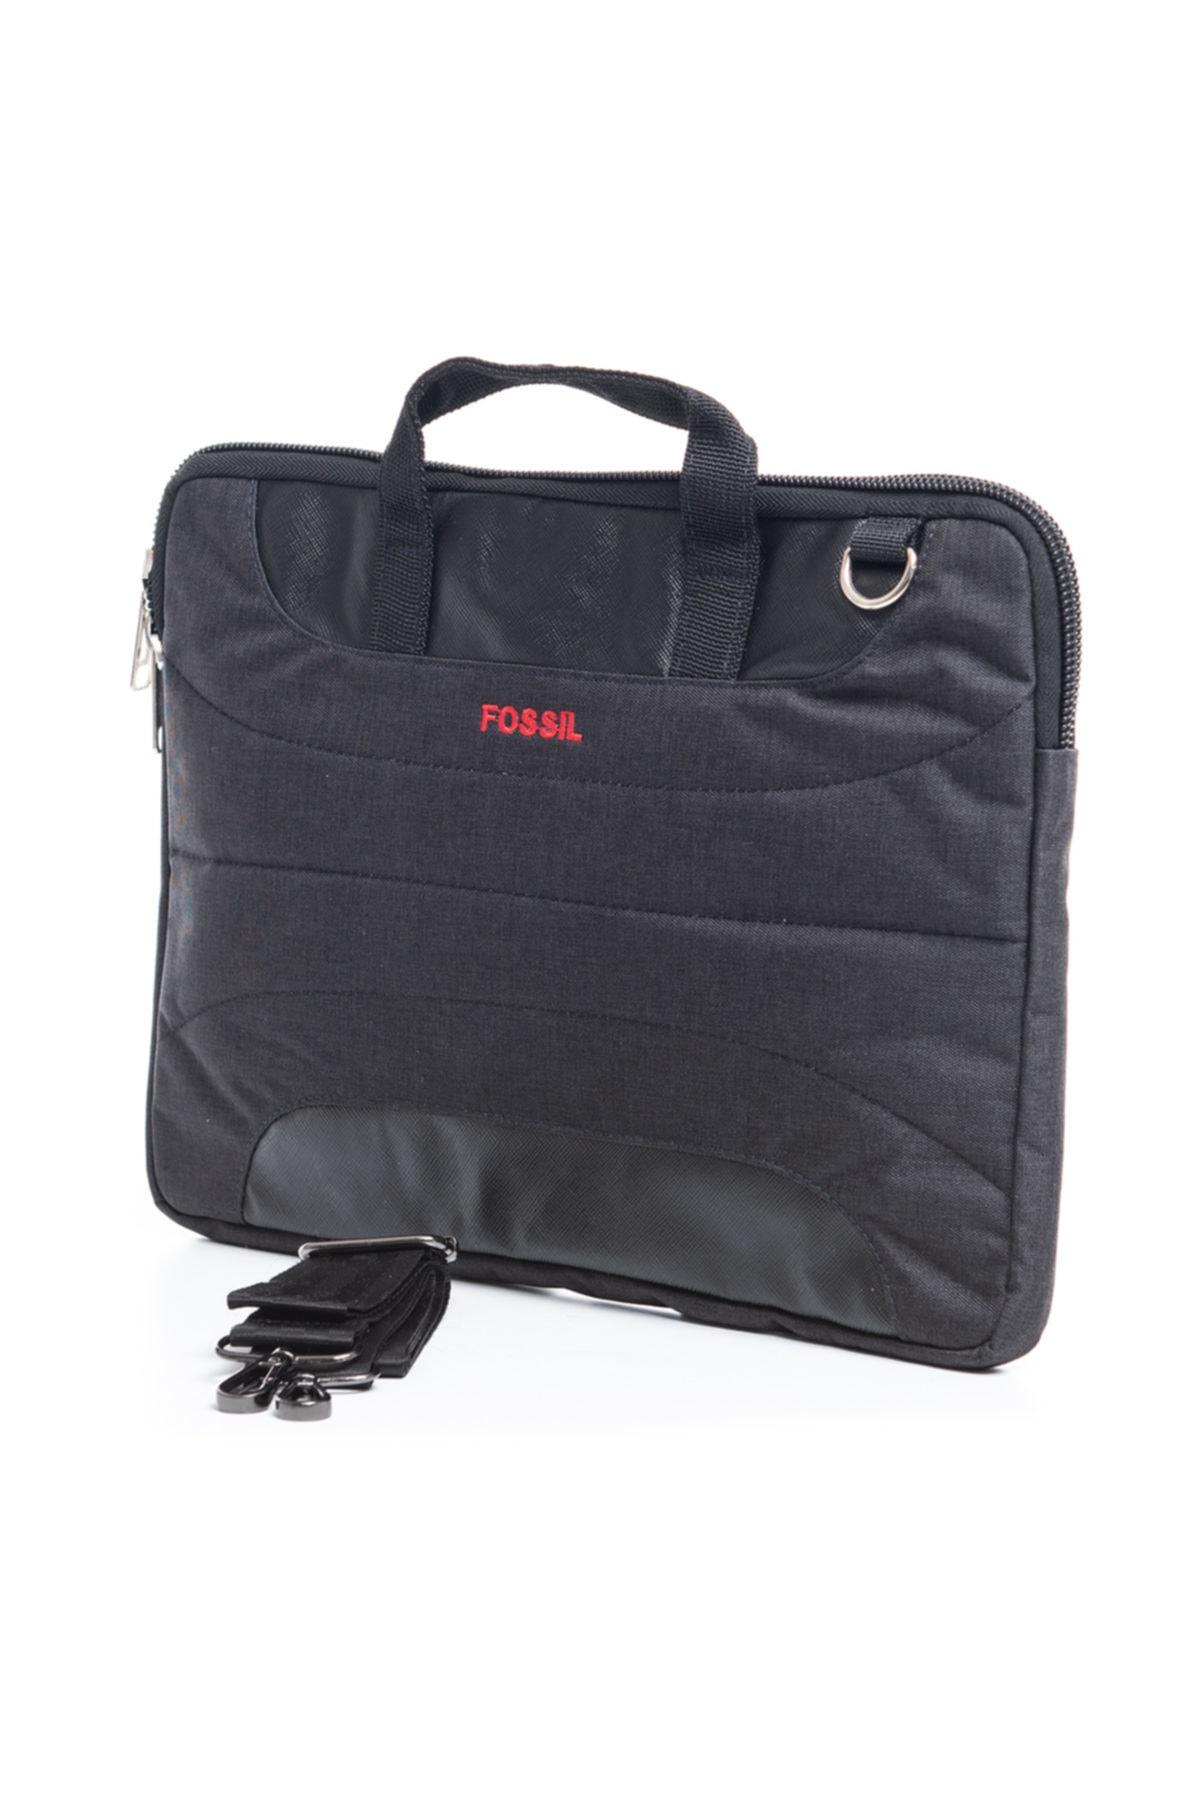 Fossil 11112 Slim Laptop&evrak Çantası 1